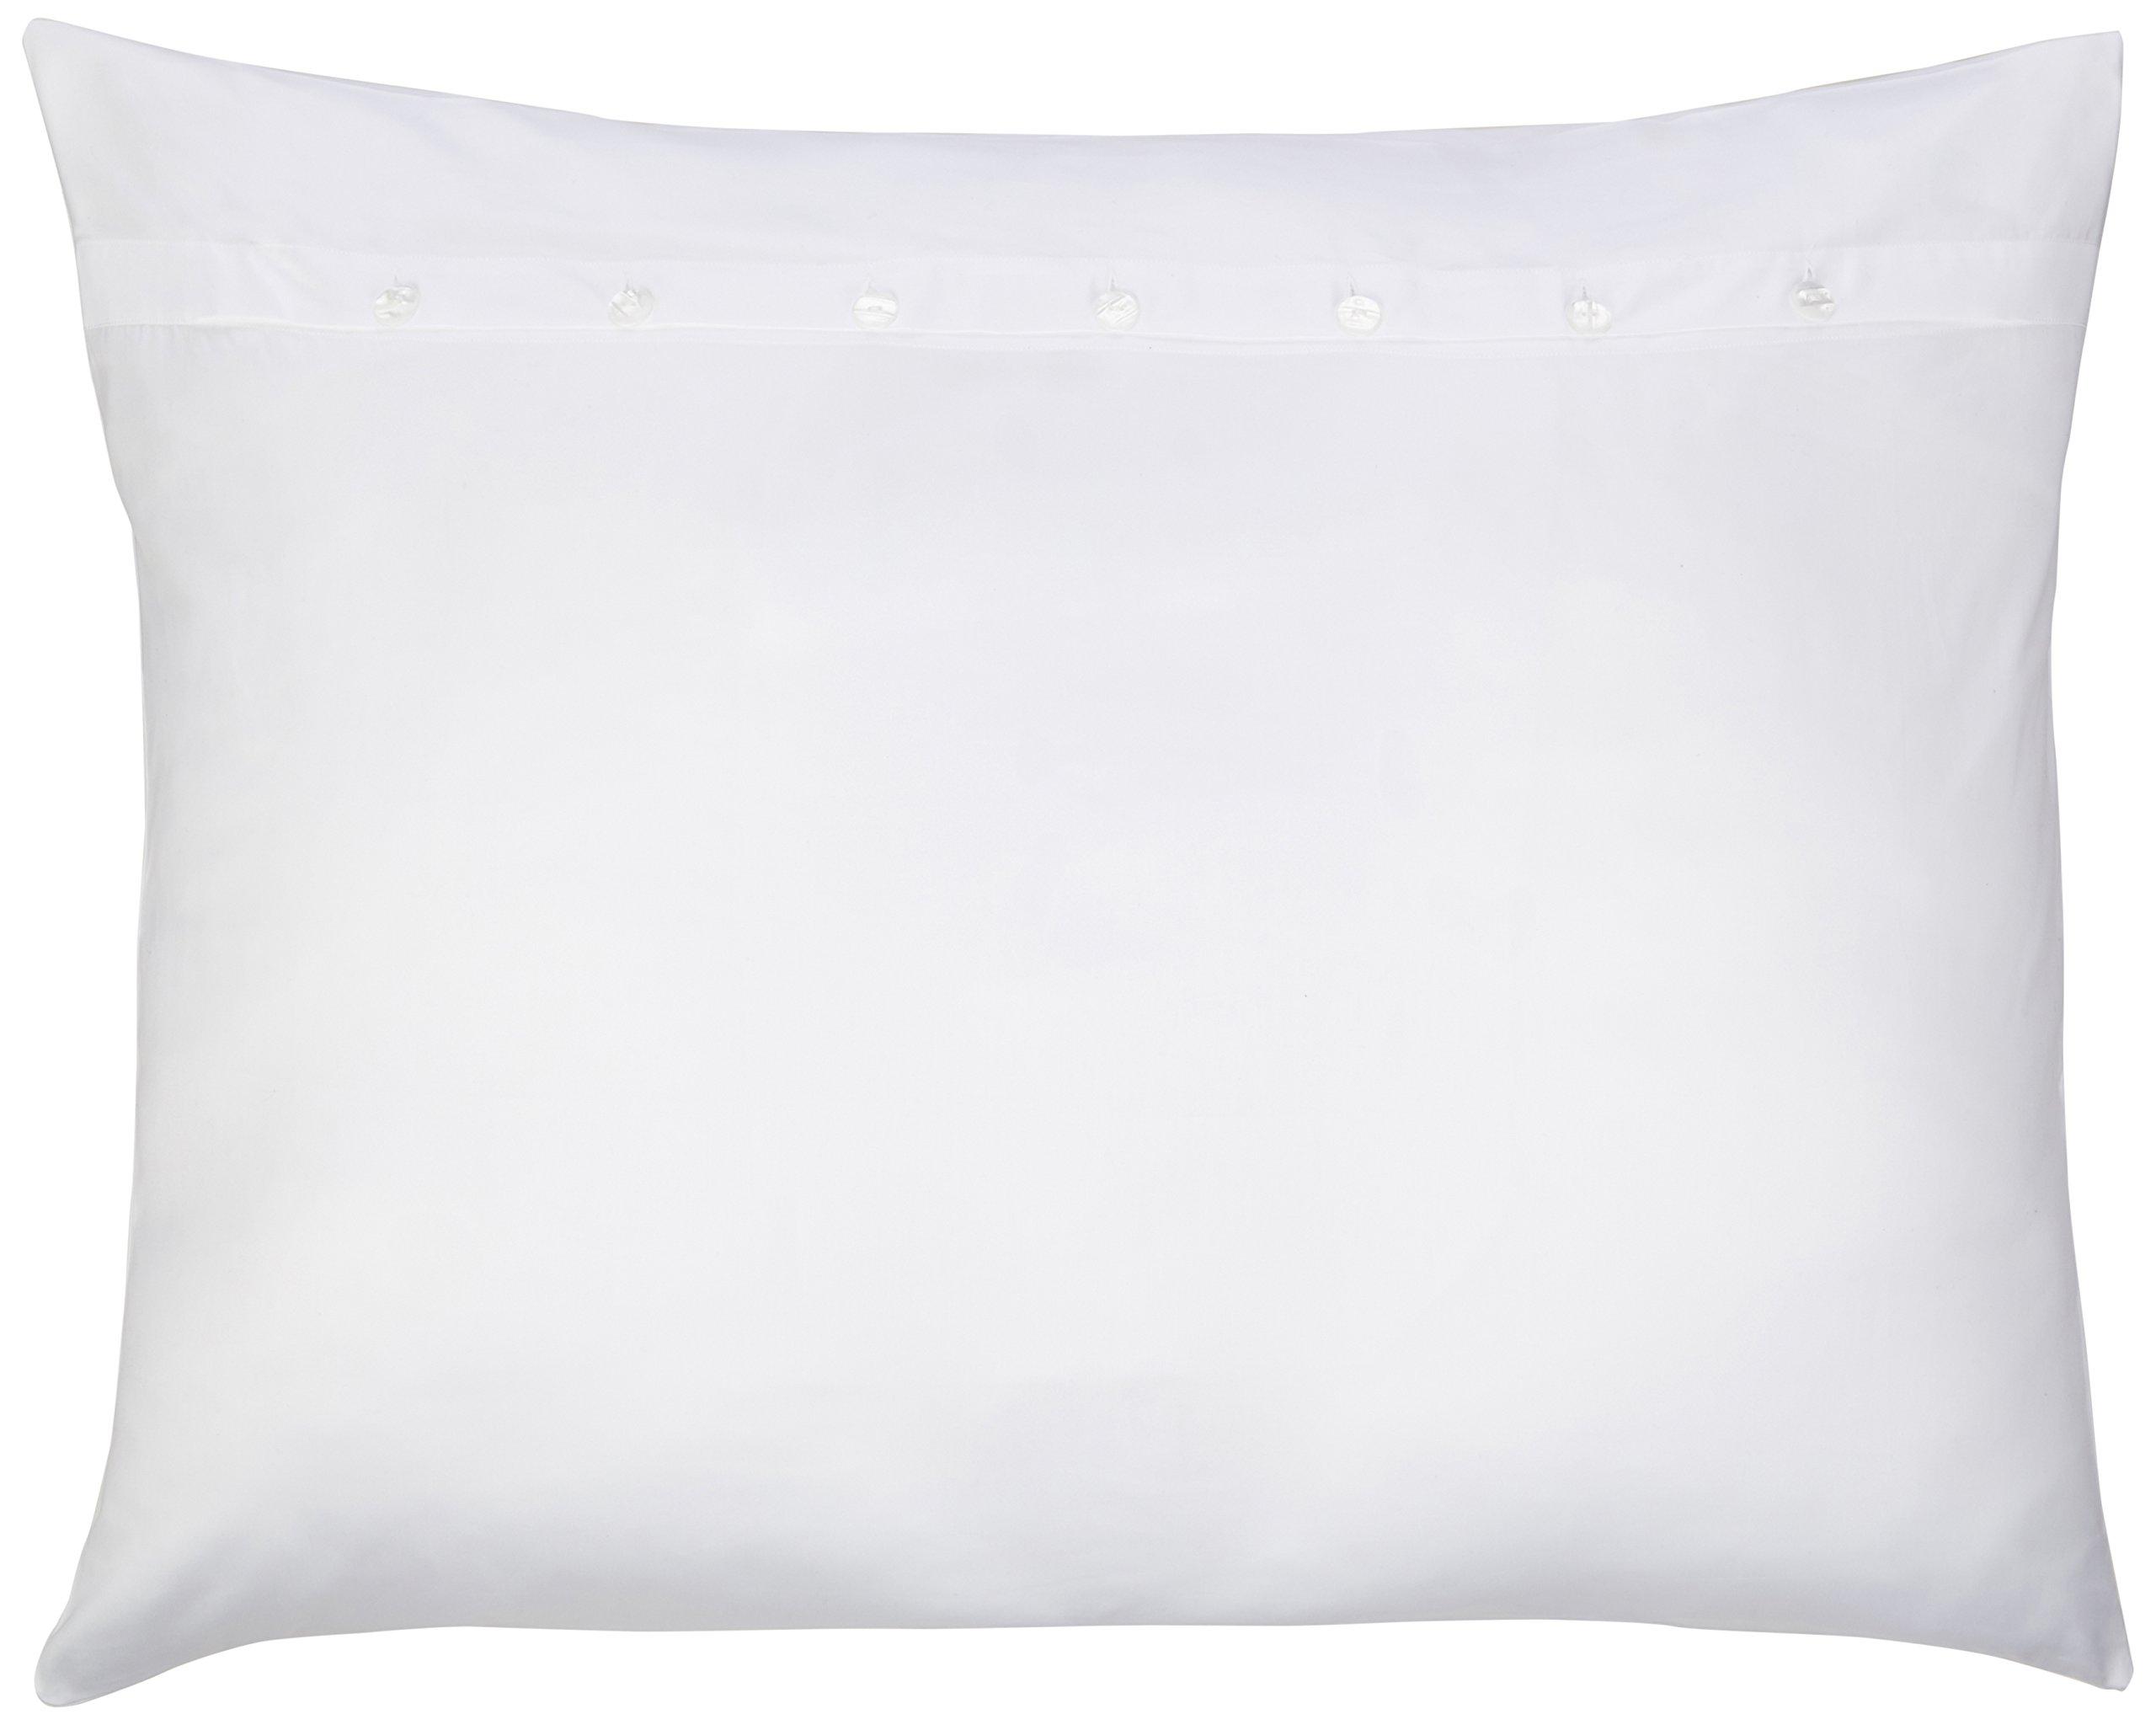 Pandora de Balthazar European Luxury Bedding 300 Thread Count Sleep System Sham, Euro King, White by Pandora de Balthazar